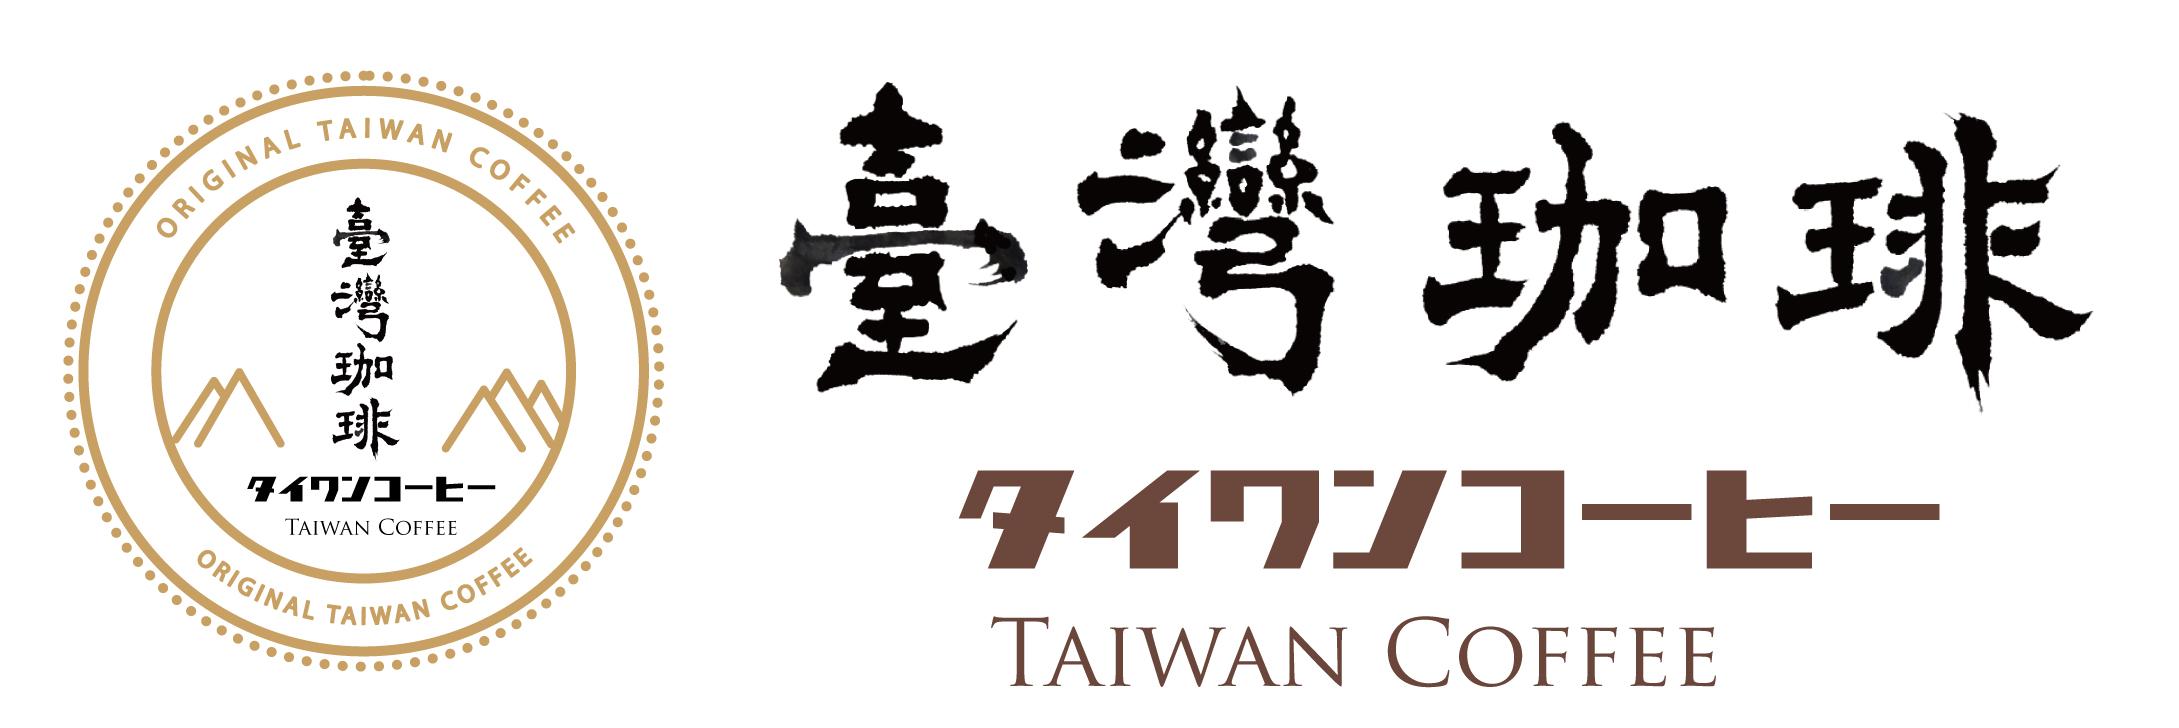 台湾珈琲専門店【TAIWAN COFFEE】